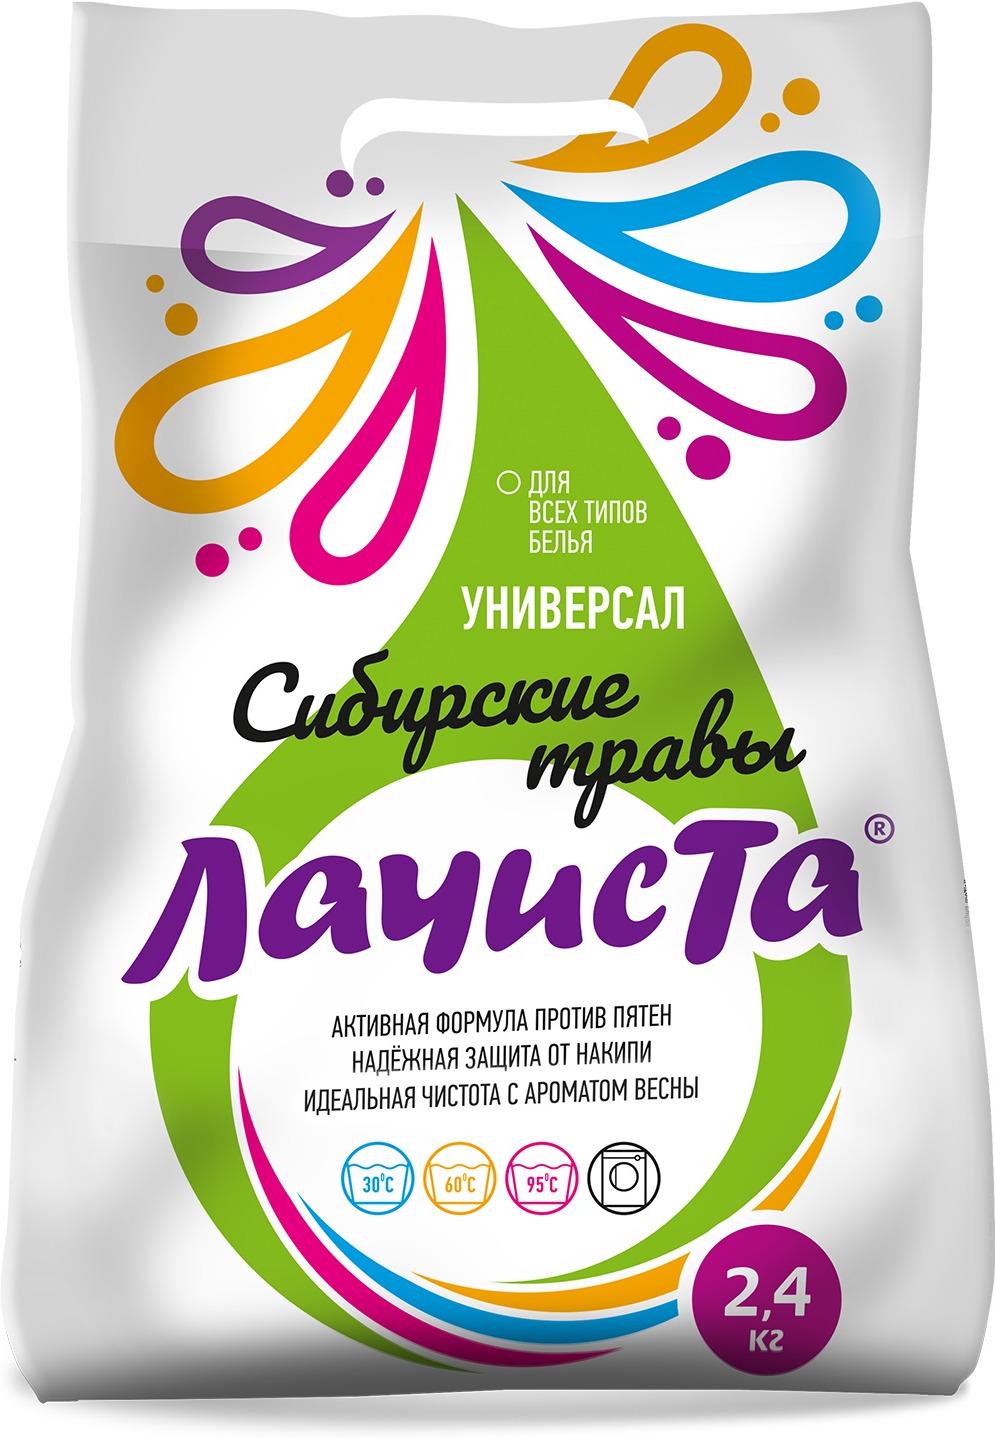 Стиральный порошок La Chista Сибирские травы, универсальный, 2,4 кг